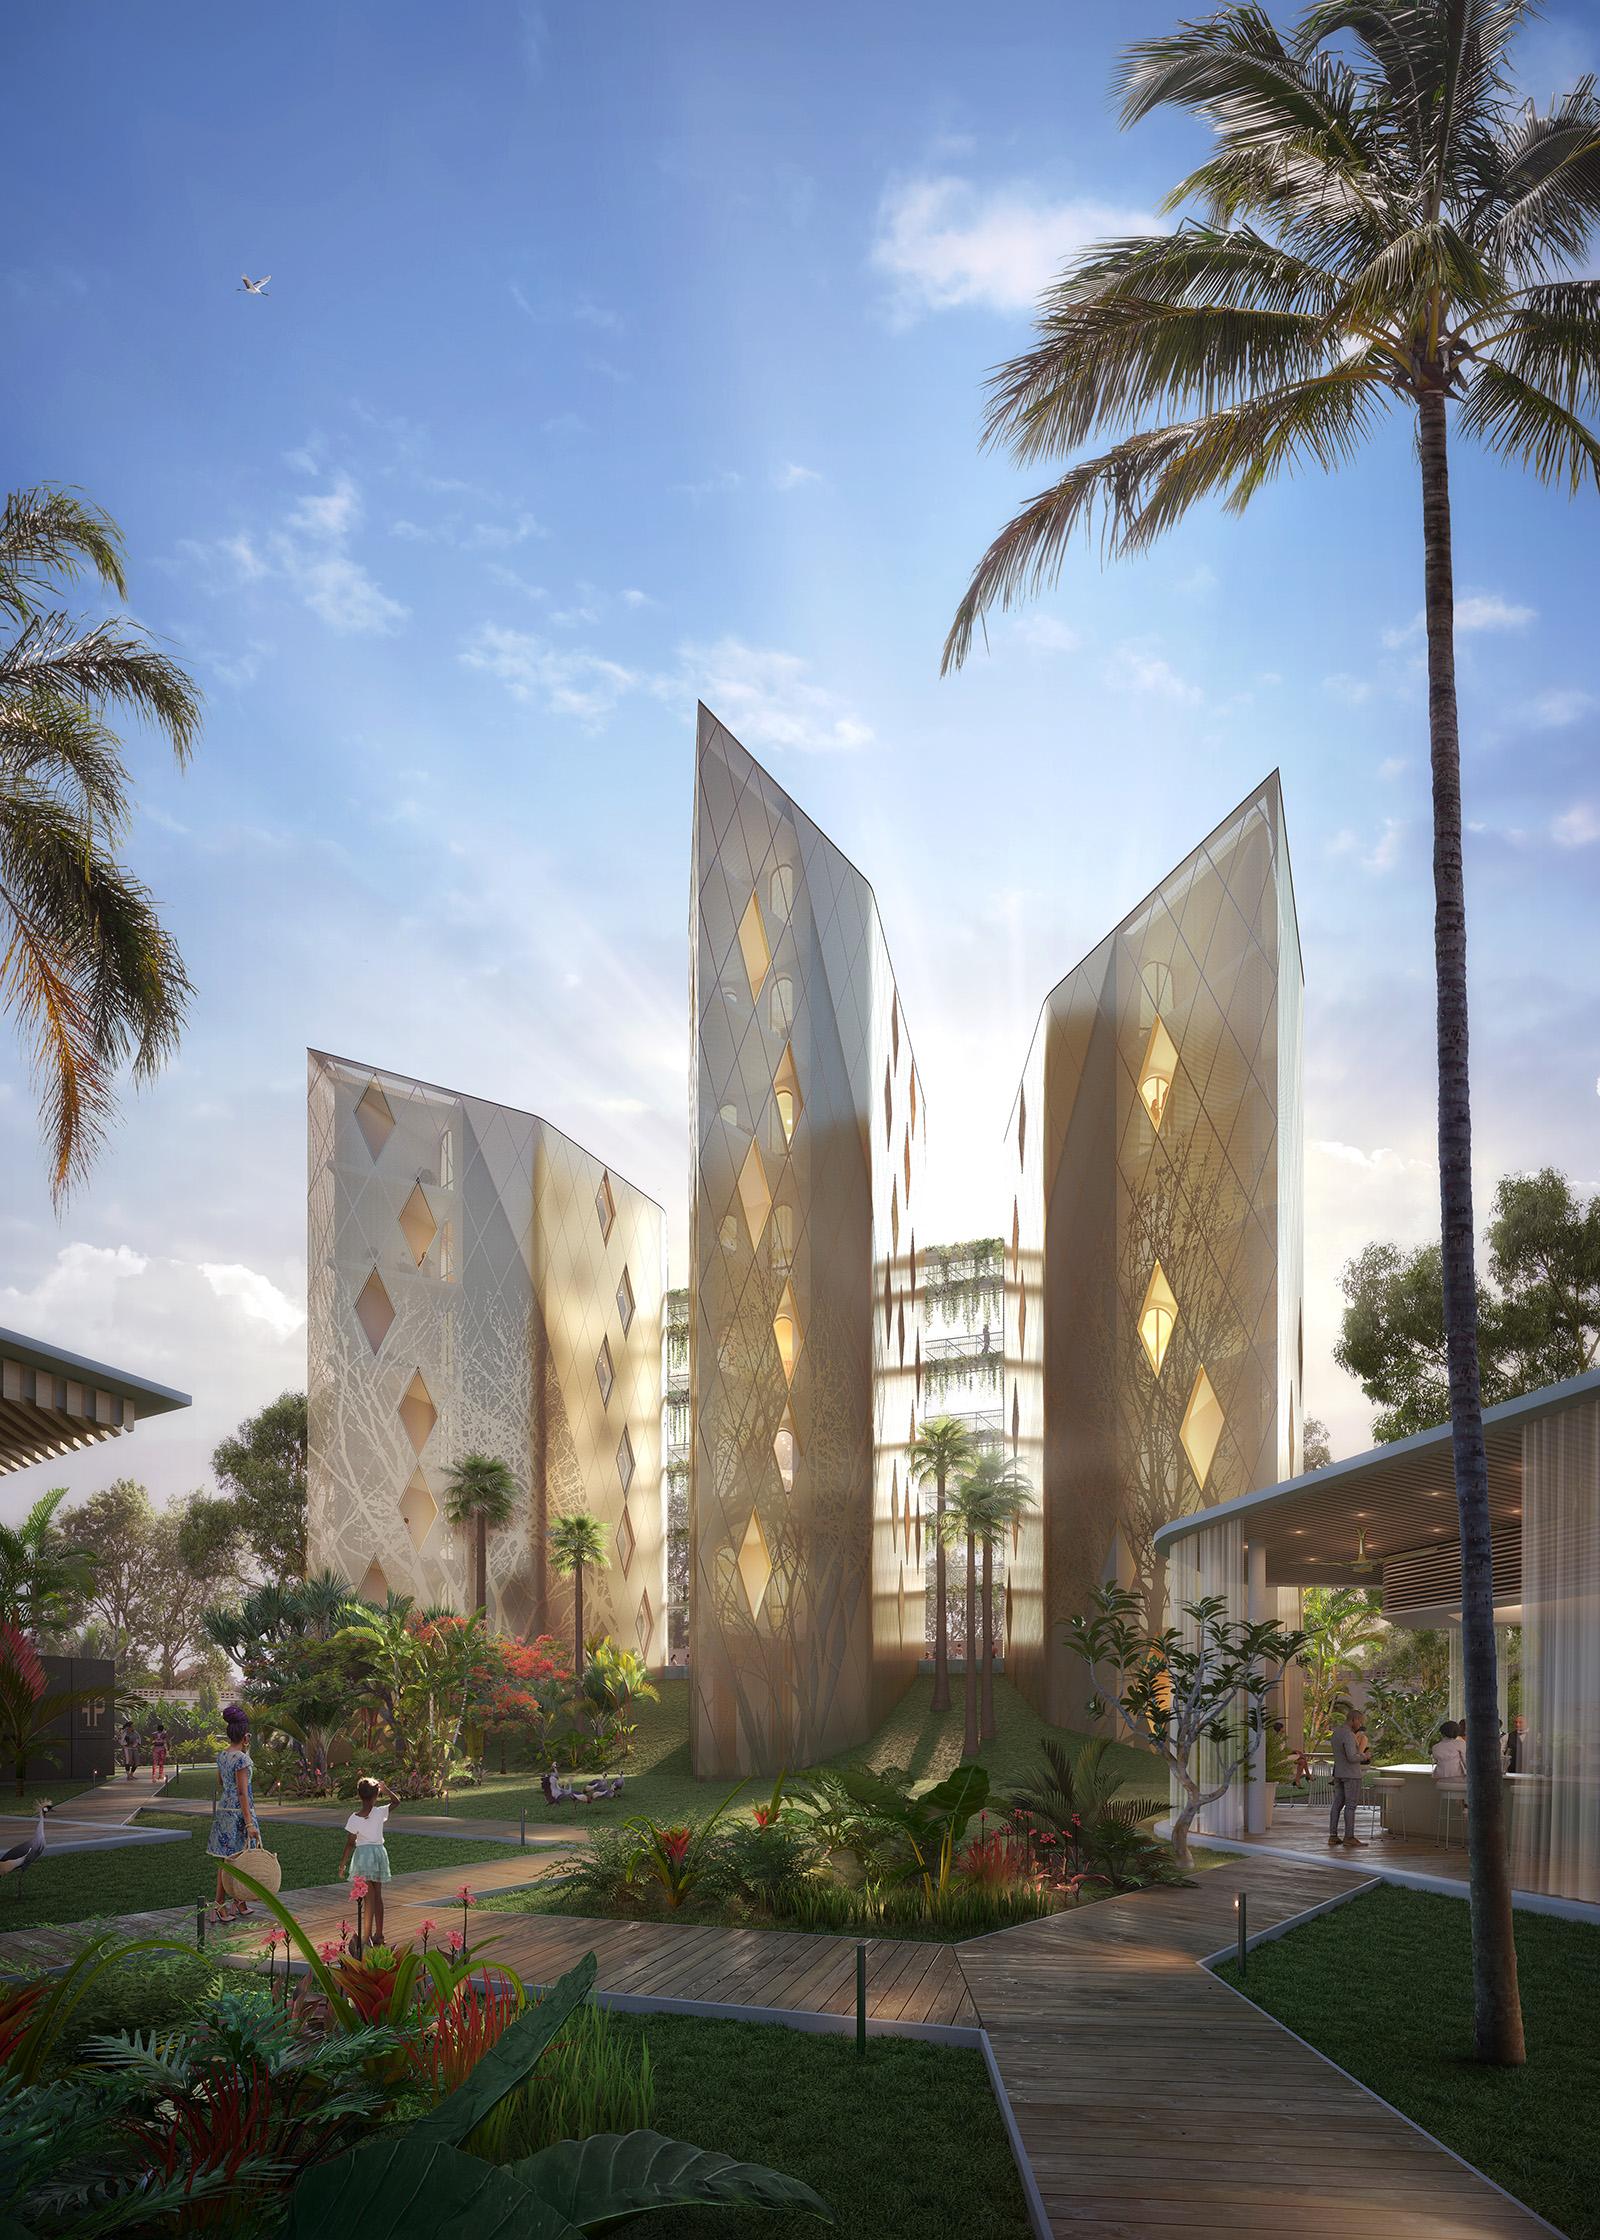 Illustration du projet des architectes 2802 de boutique hotel de Kinshasa et sa tole perforée dorée